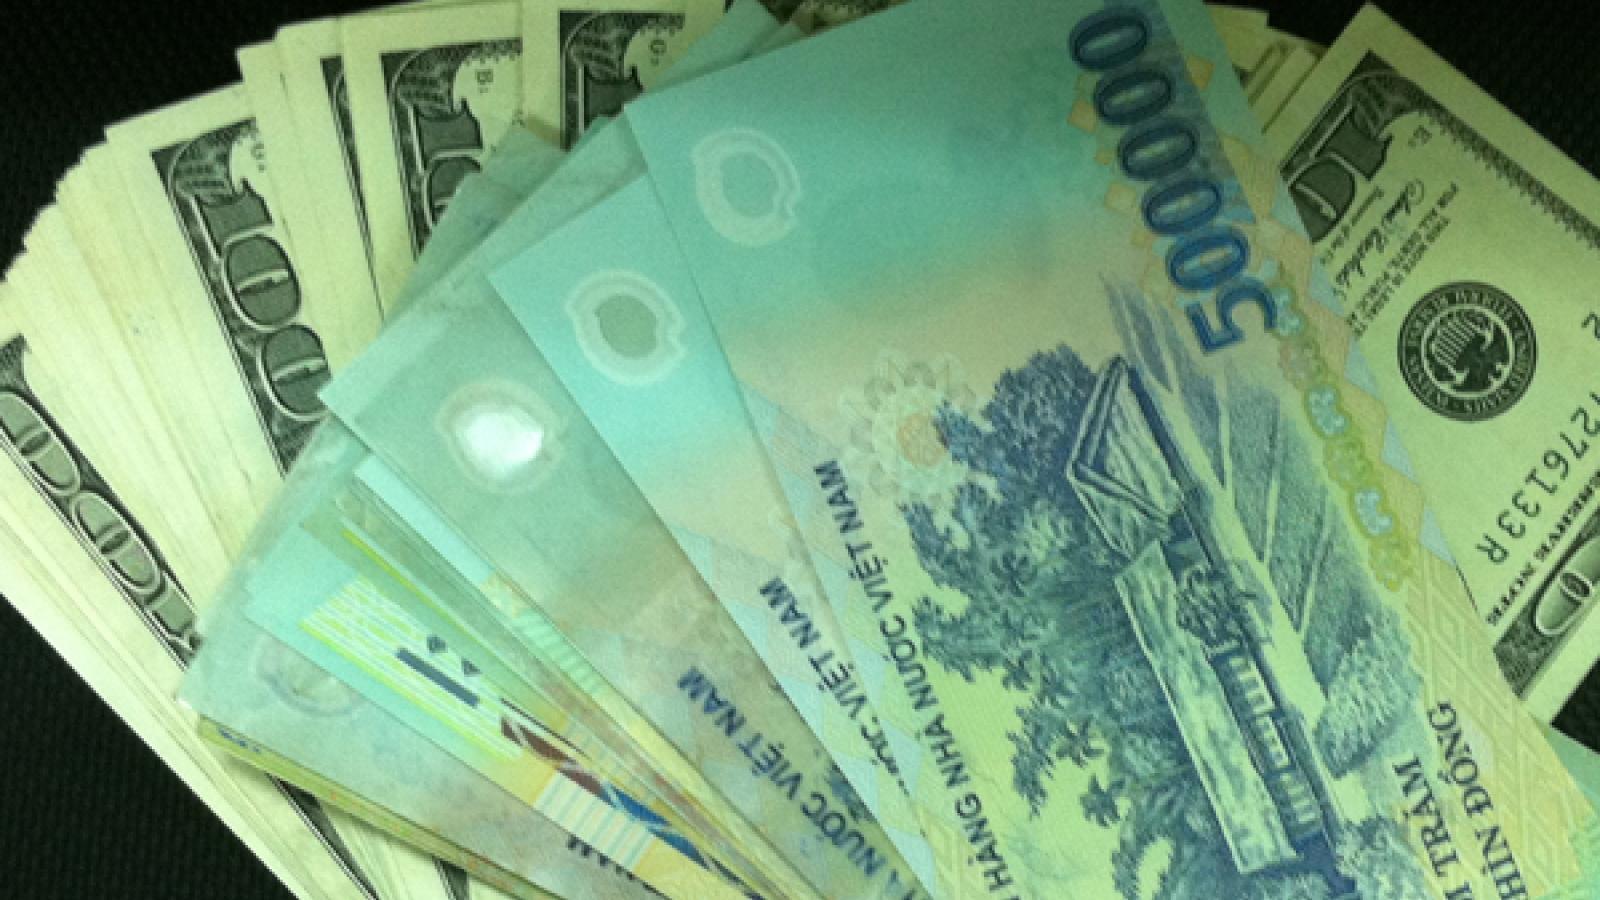 Tỷ giá trung tâm giảm nhẹ, giá USD trong nước đứng yên